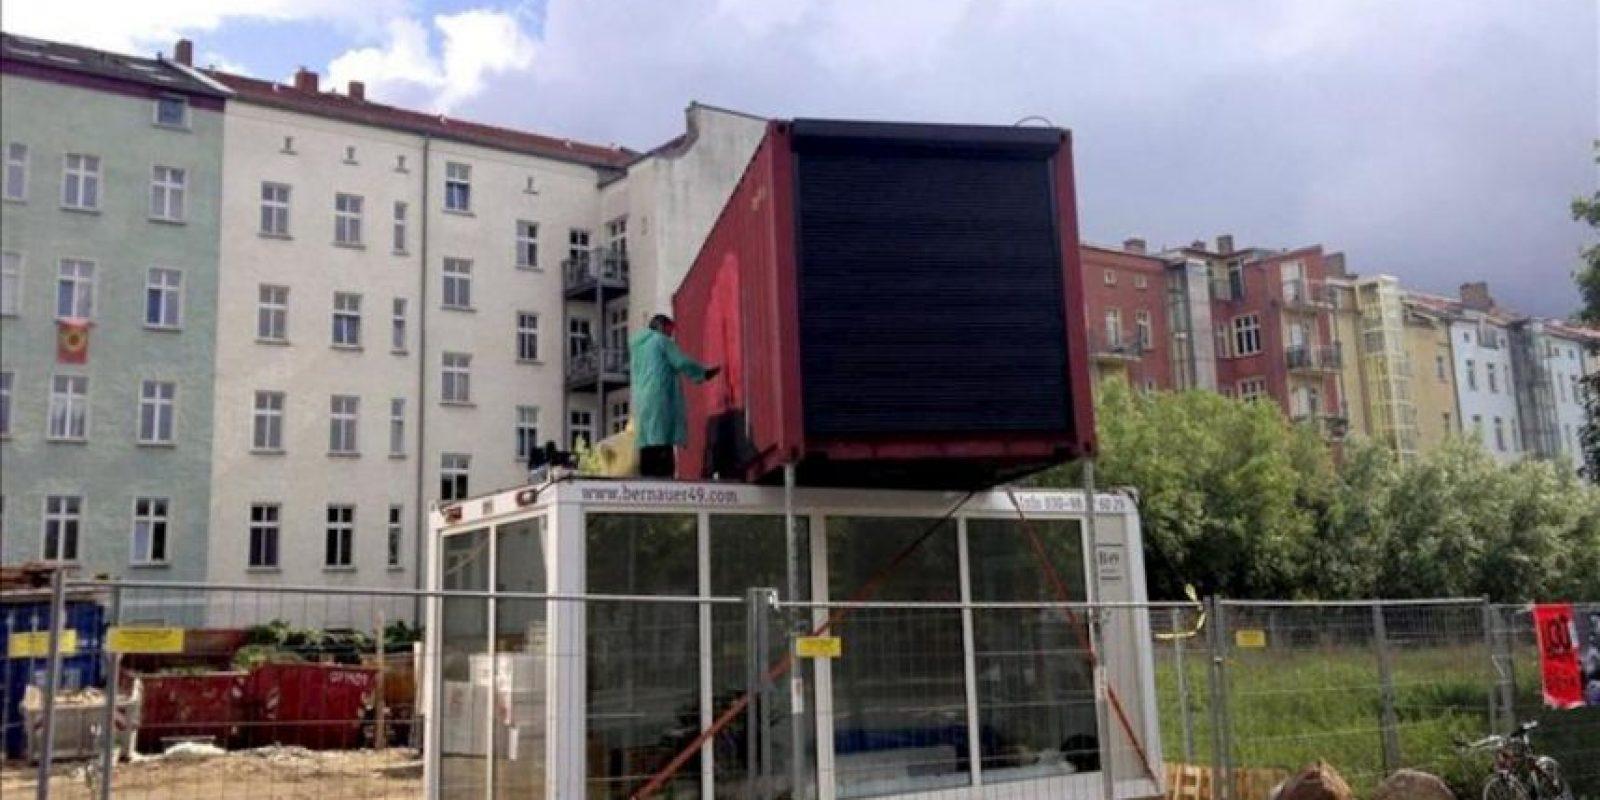 """Fotografía facilitada por """"A window in Berlin"""" de un contenedor de mercancías instalado en la calle que servirá como superficie expositora para el proyecto """"A window in Berlin"""" (Una ventana en Berlín), que se inaugura hoy con el objetivo de acercar el arte iberoamericano al público alemán. EFE"""